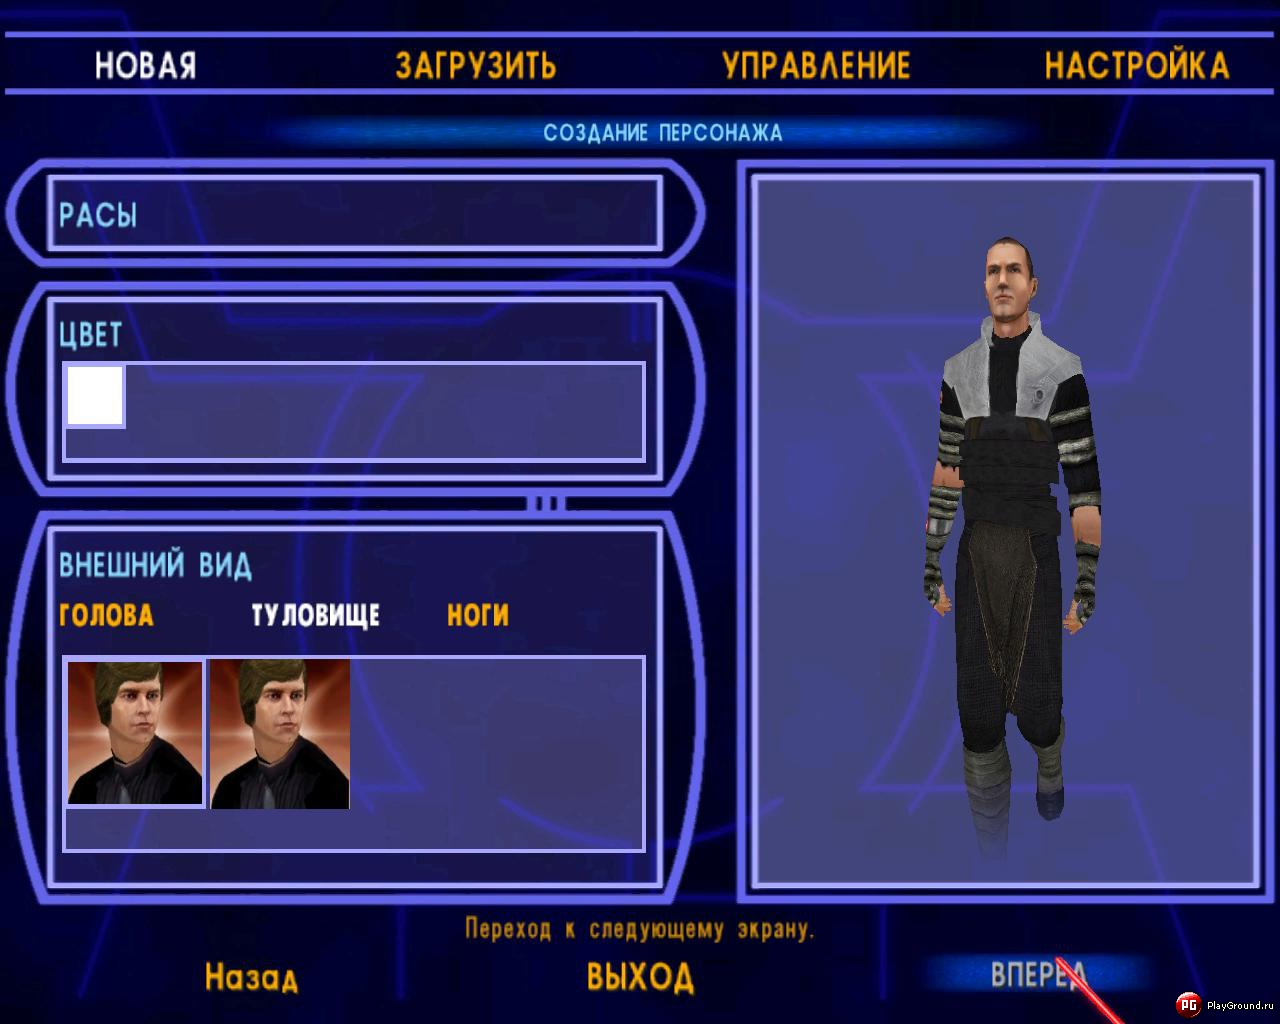 скачать игру star wars battlefield 2